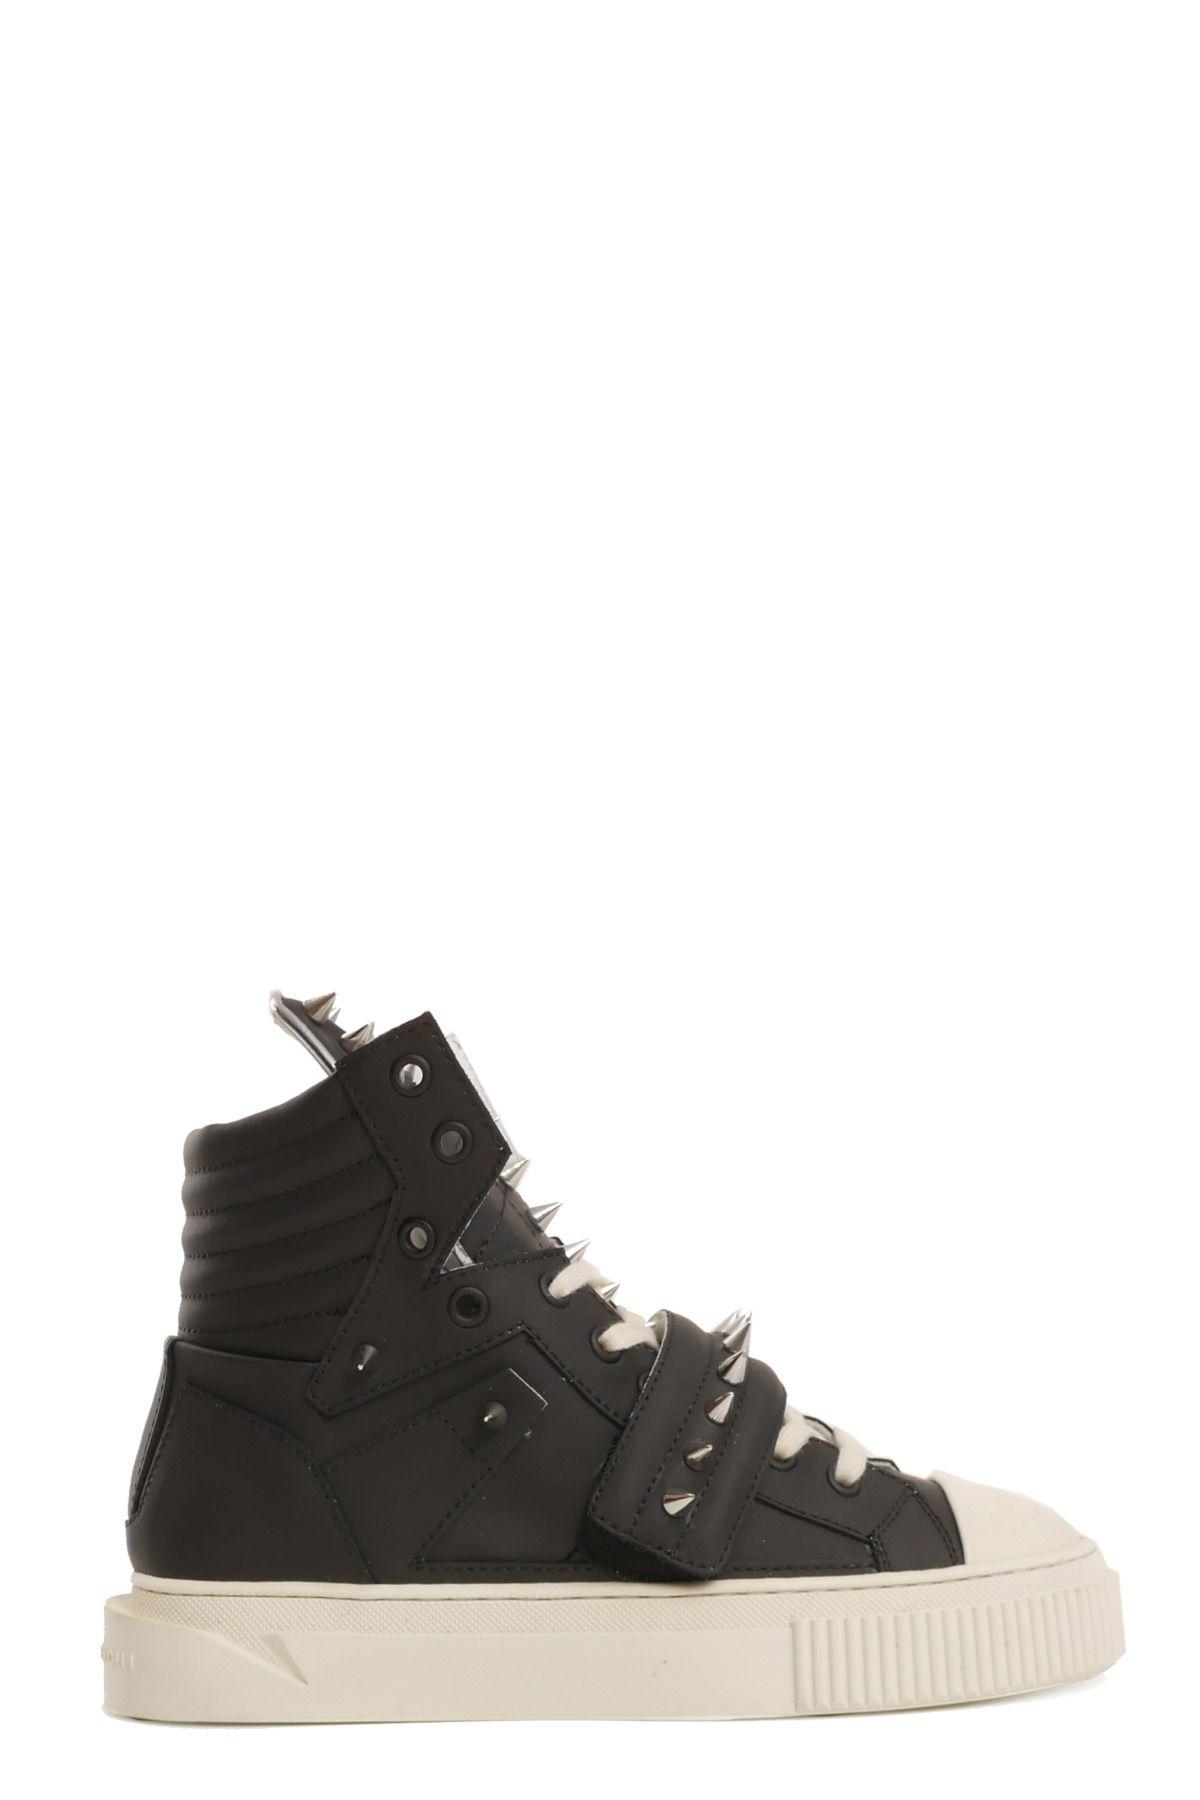 GIENCHI Sneakers in Nero